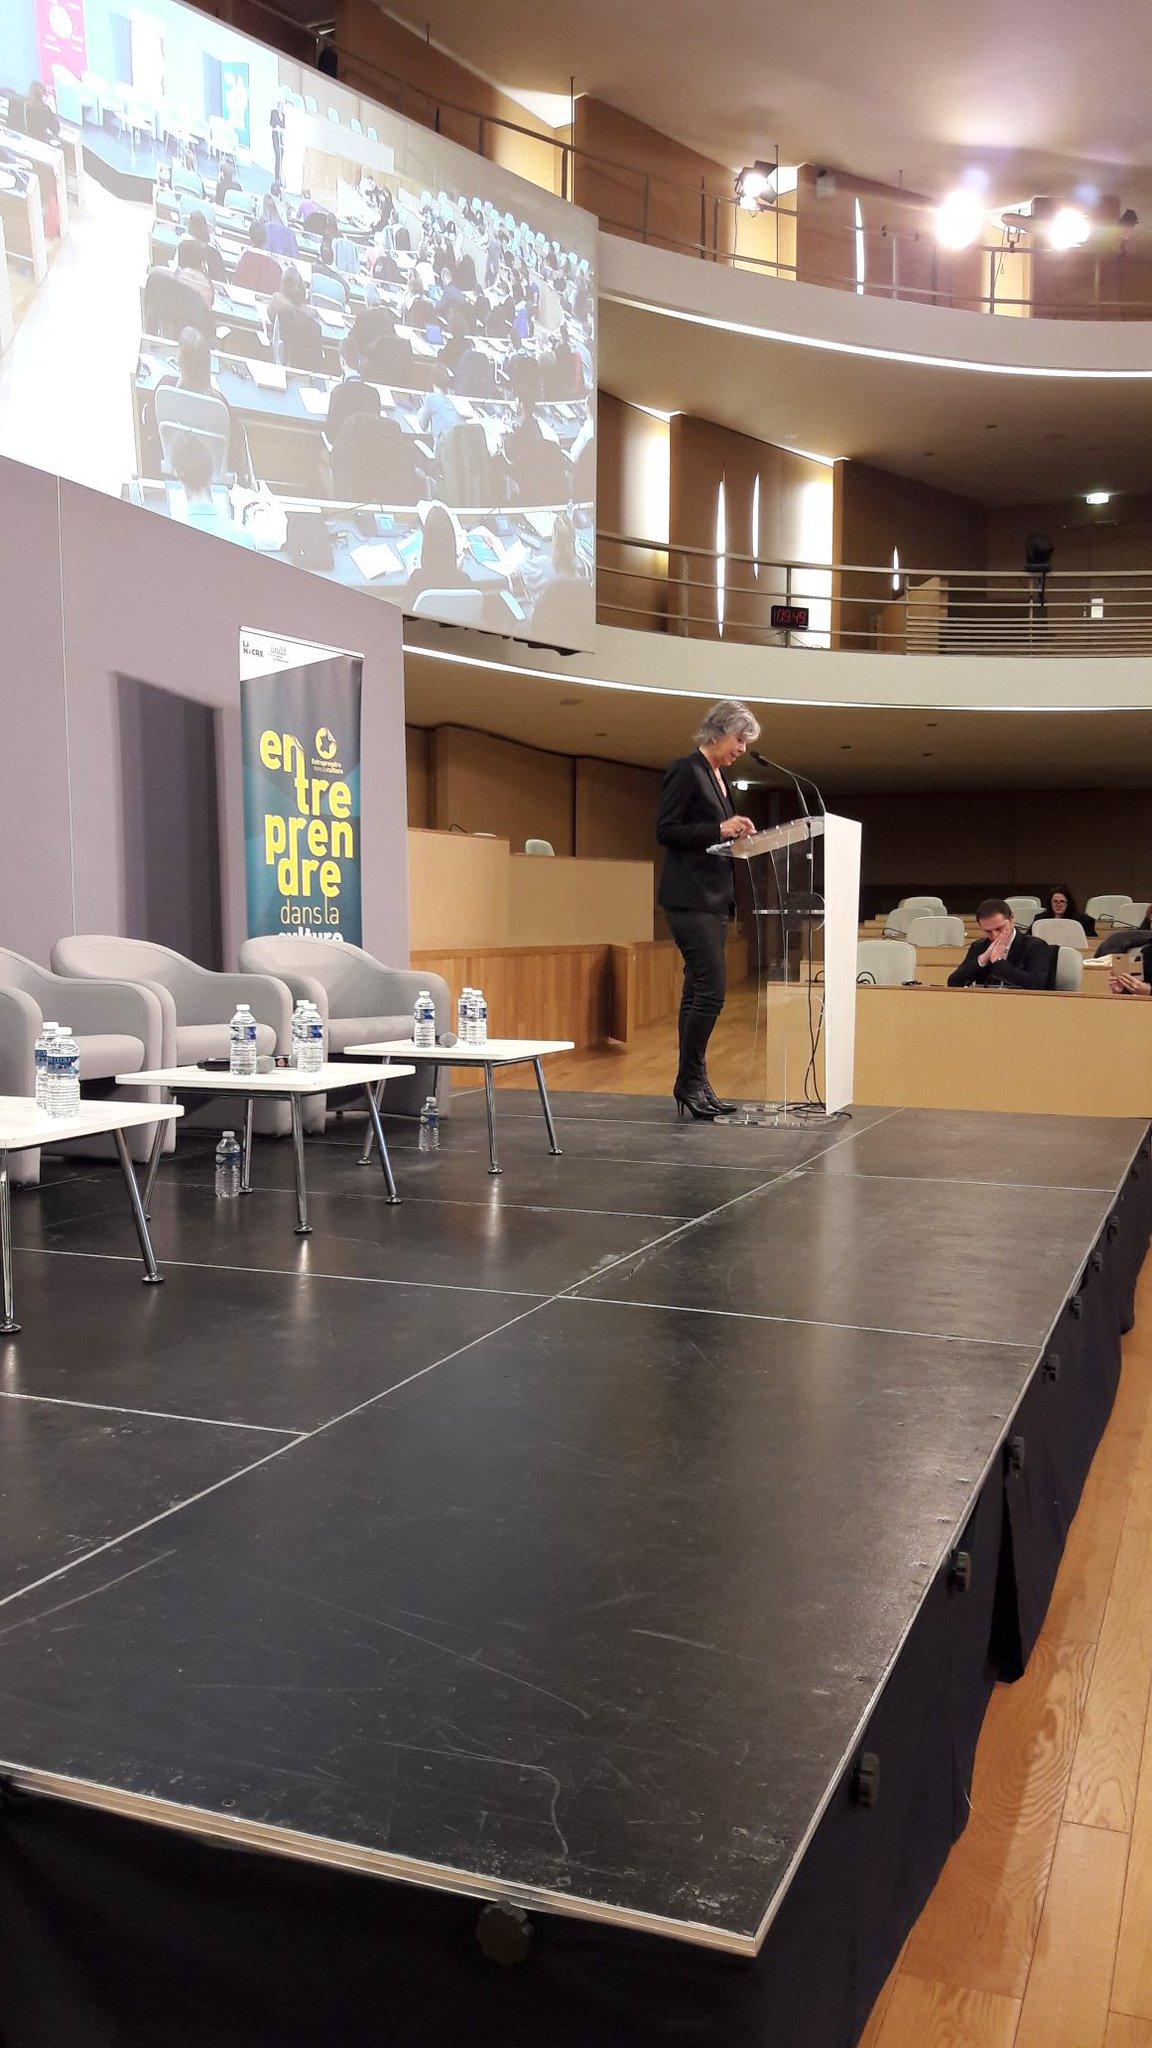 Florence Verney-Carron de @auvergnerhalpes ouvre le forum #EntreprendreCulture à Lyon ce matin https://t.co/wms6vlxRJm